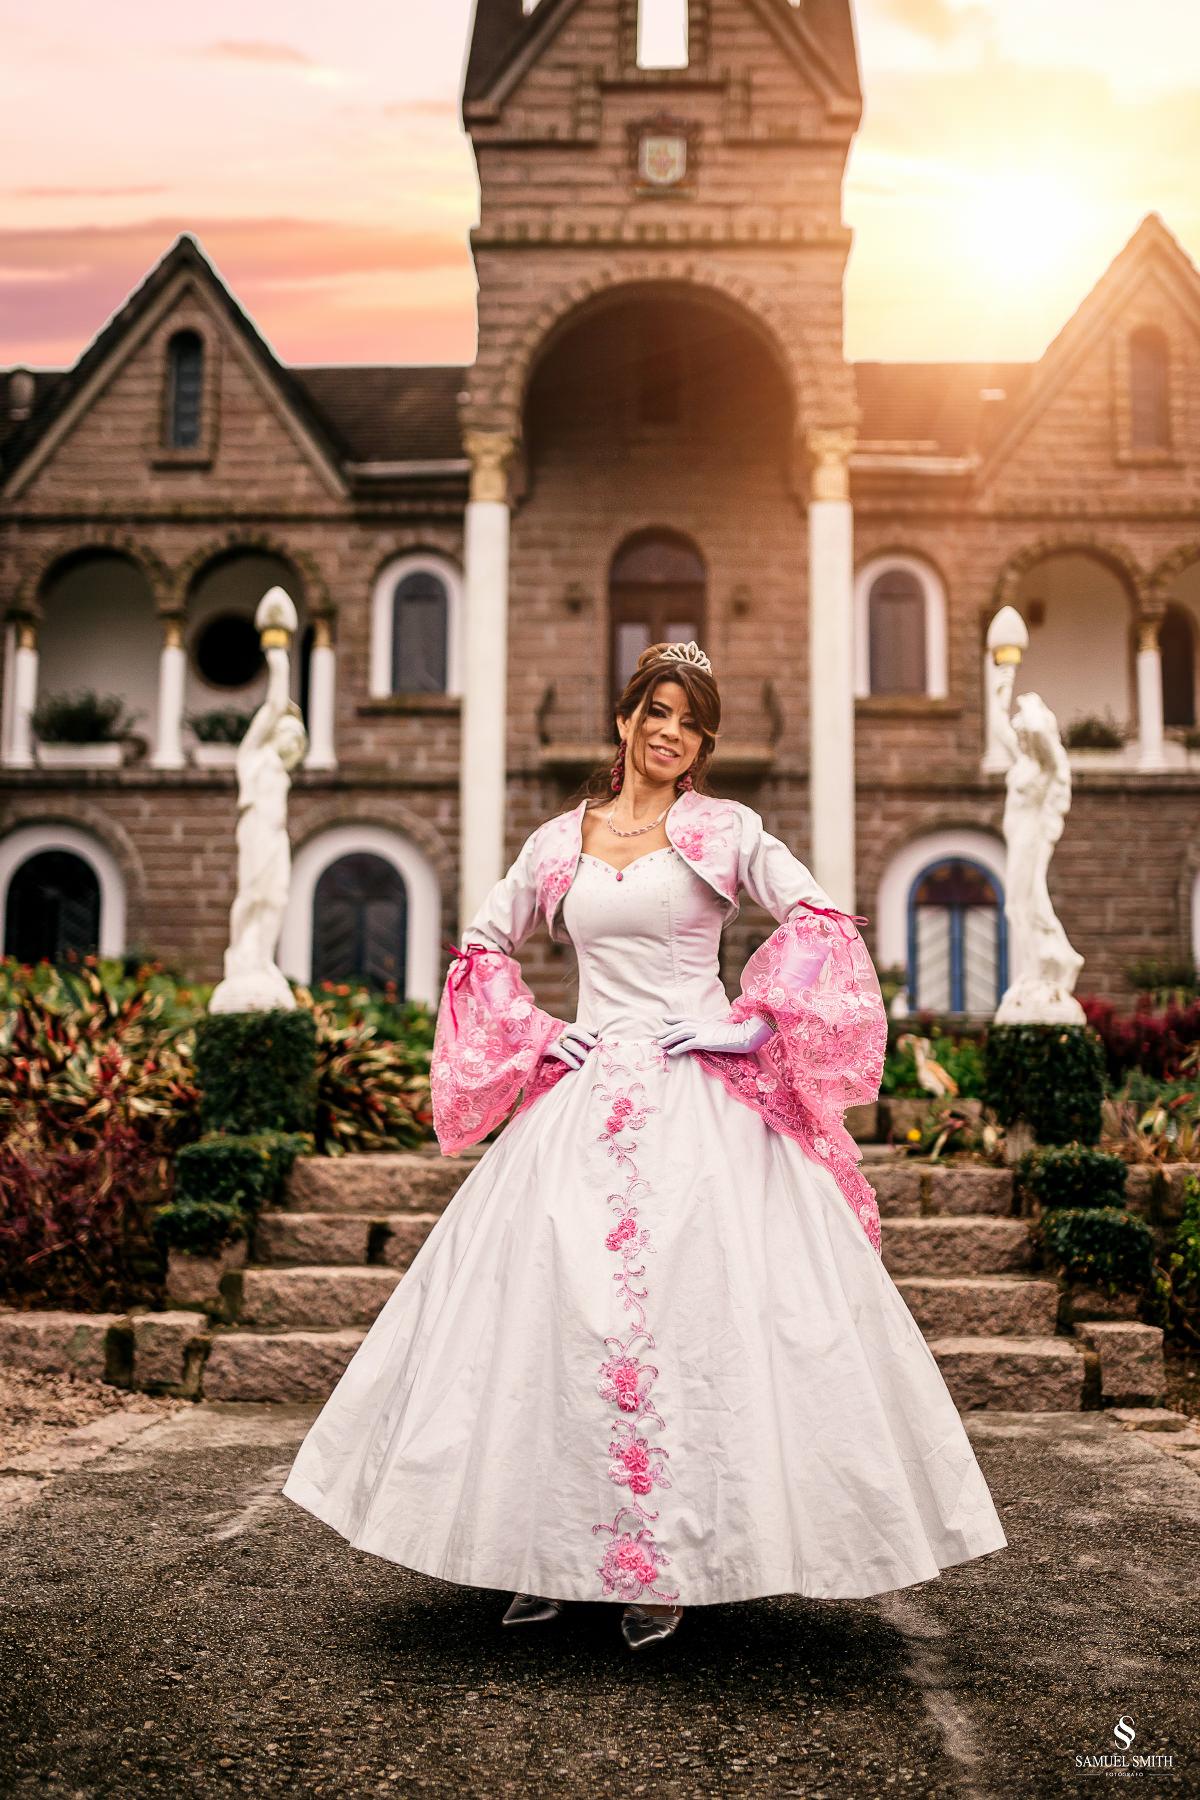 book familia fotos casal ensaio fotográfico castelo belvedere fantasia tema veneza baile (12)